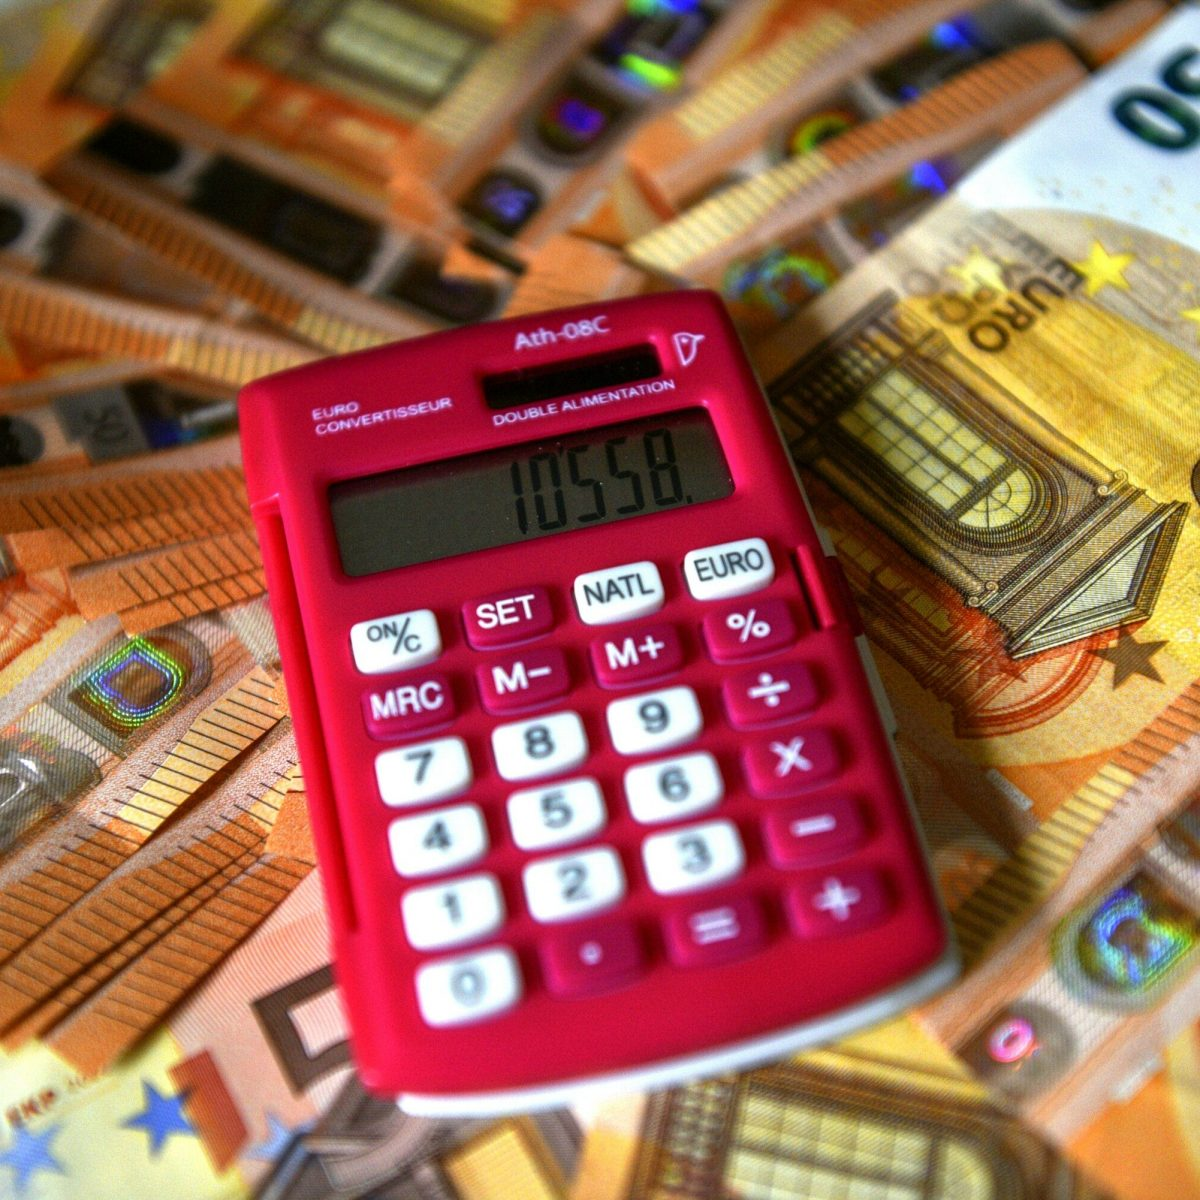 Scadenze Fiscali 2020 Calendario.Pace Fiscale Come Cambia Il Calendario Dei Versamenti Con